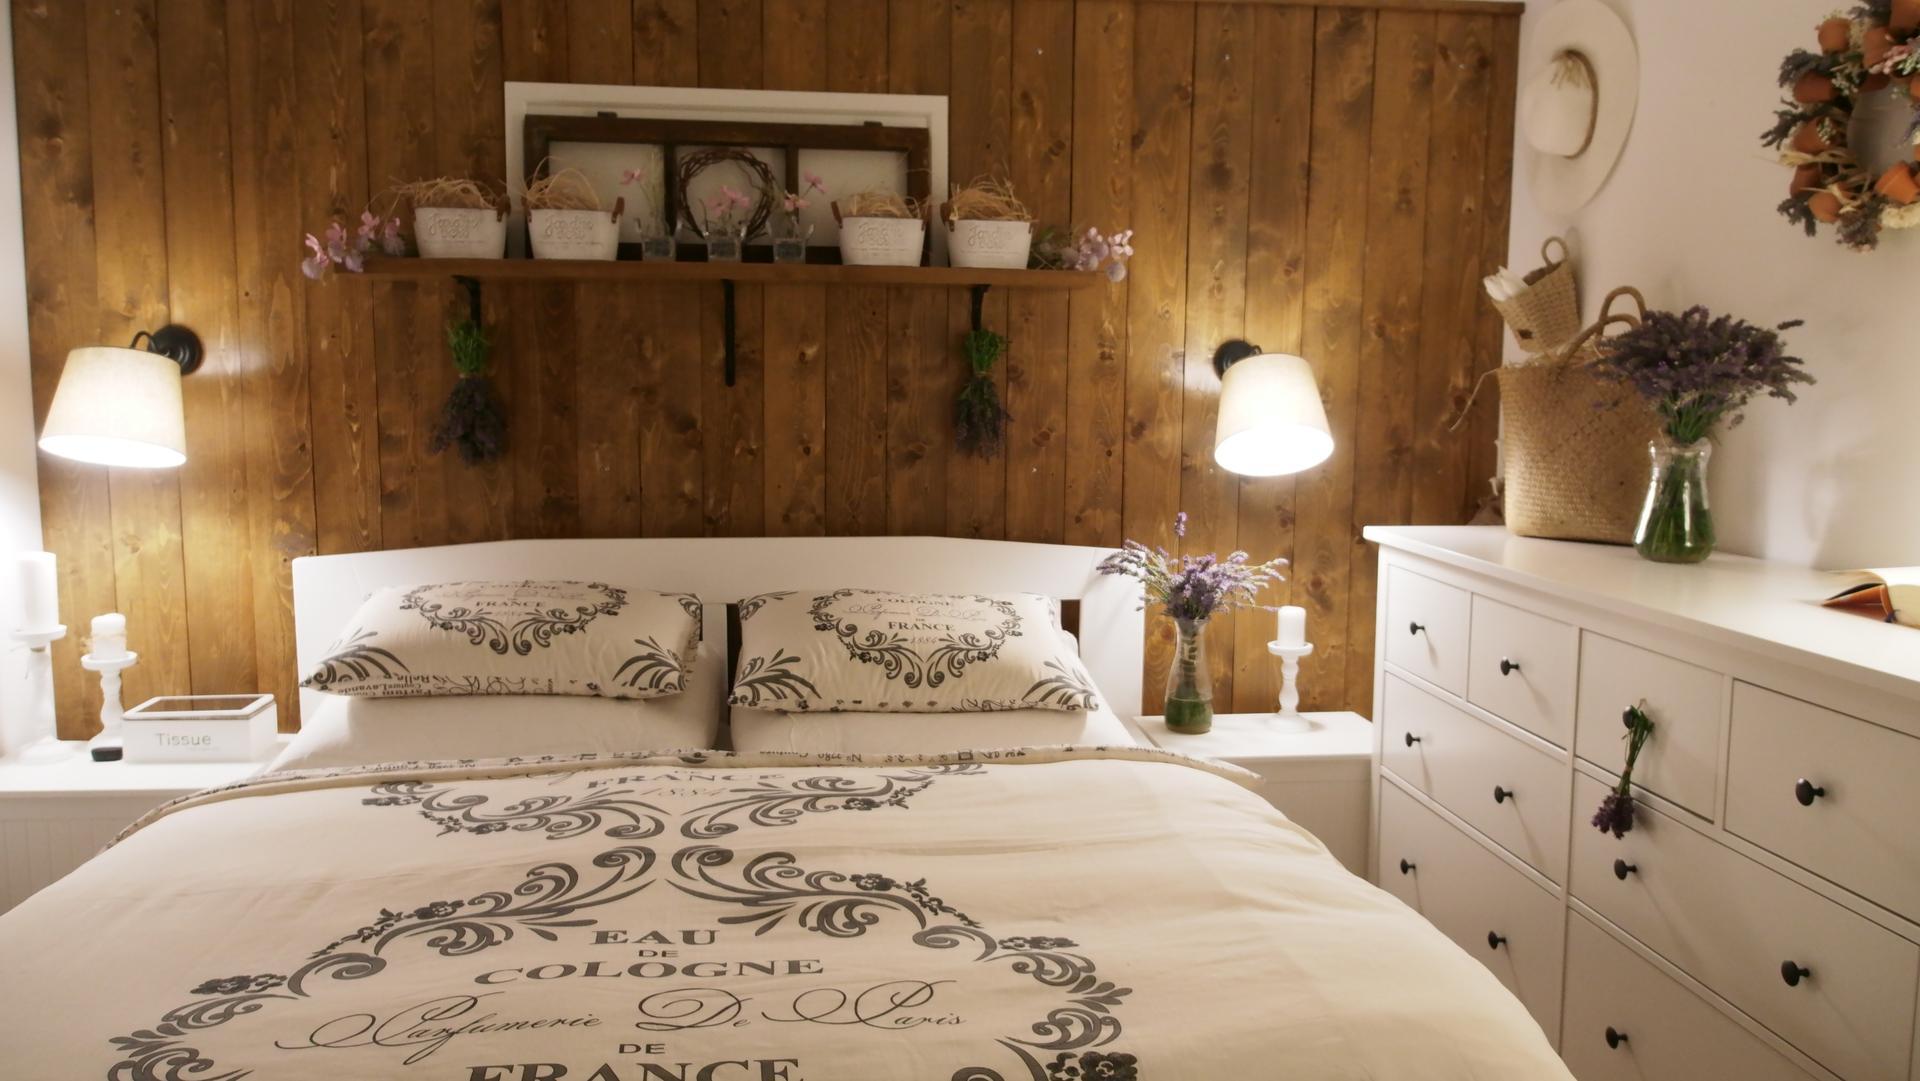 Náš domček ♡ Bramasole ♡ ... Stilo interiér aj exteriér 4. rok bývania - Obrázok č. 119